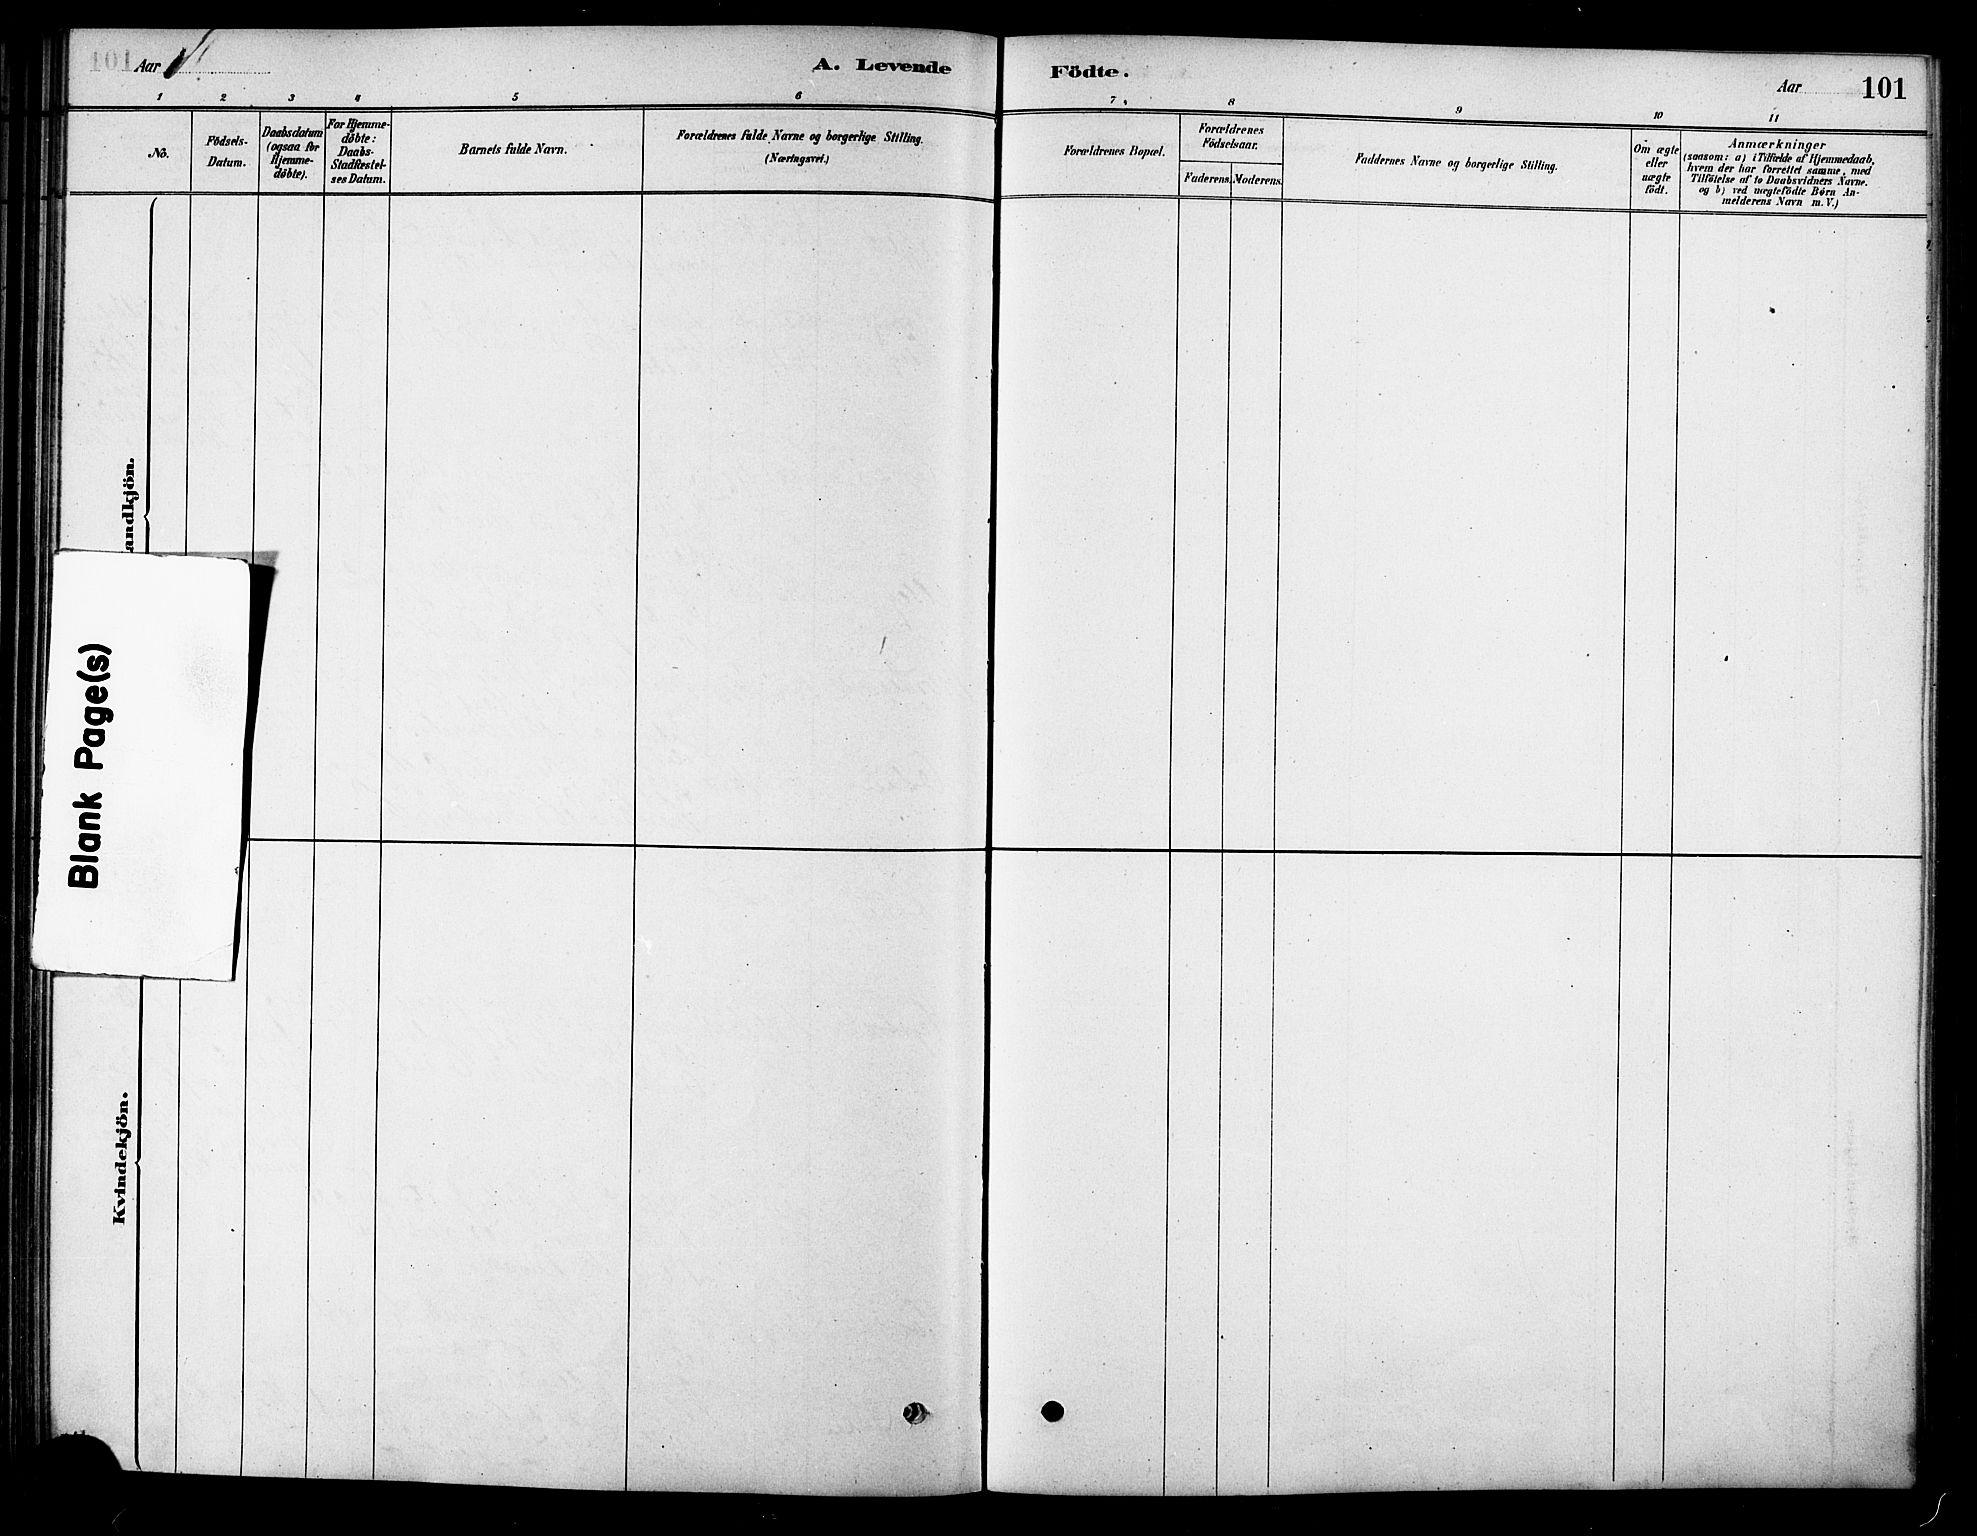 SAT, Ministerialprotokoller, klokkerbøker og fødselsregistre - Sør-Trøndelag, 658/L0722: Ministerialbok nr. 658A01, 1879-1896, s. 101